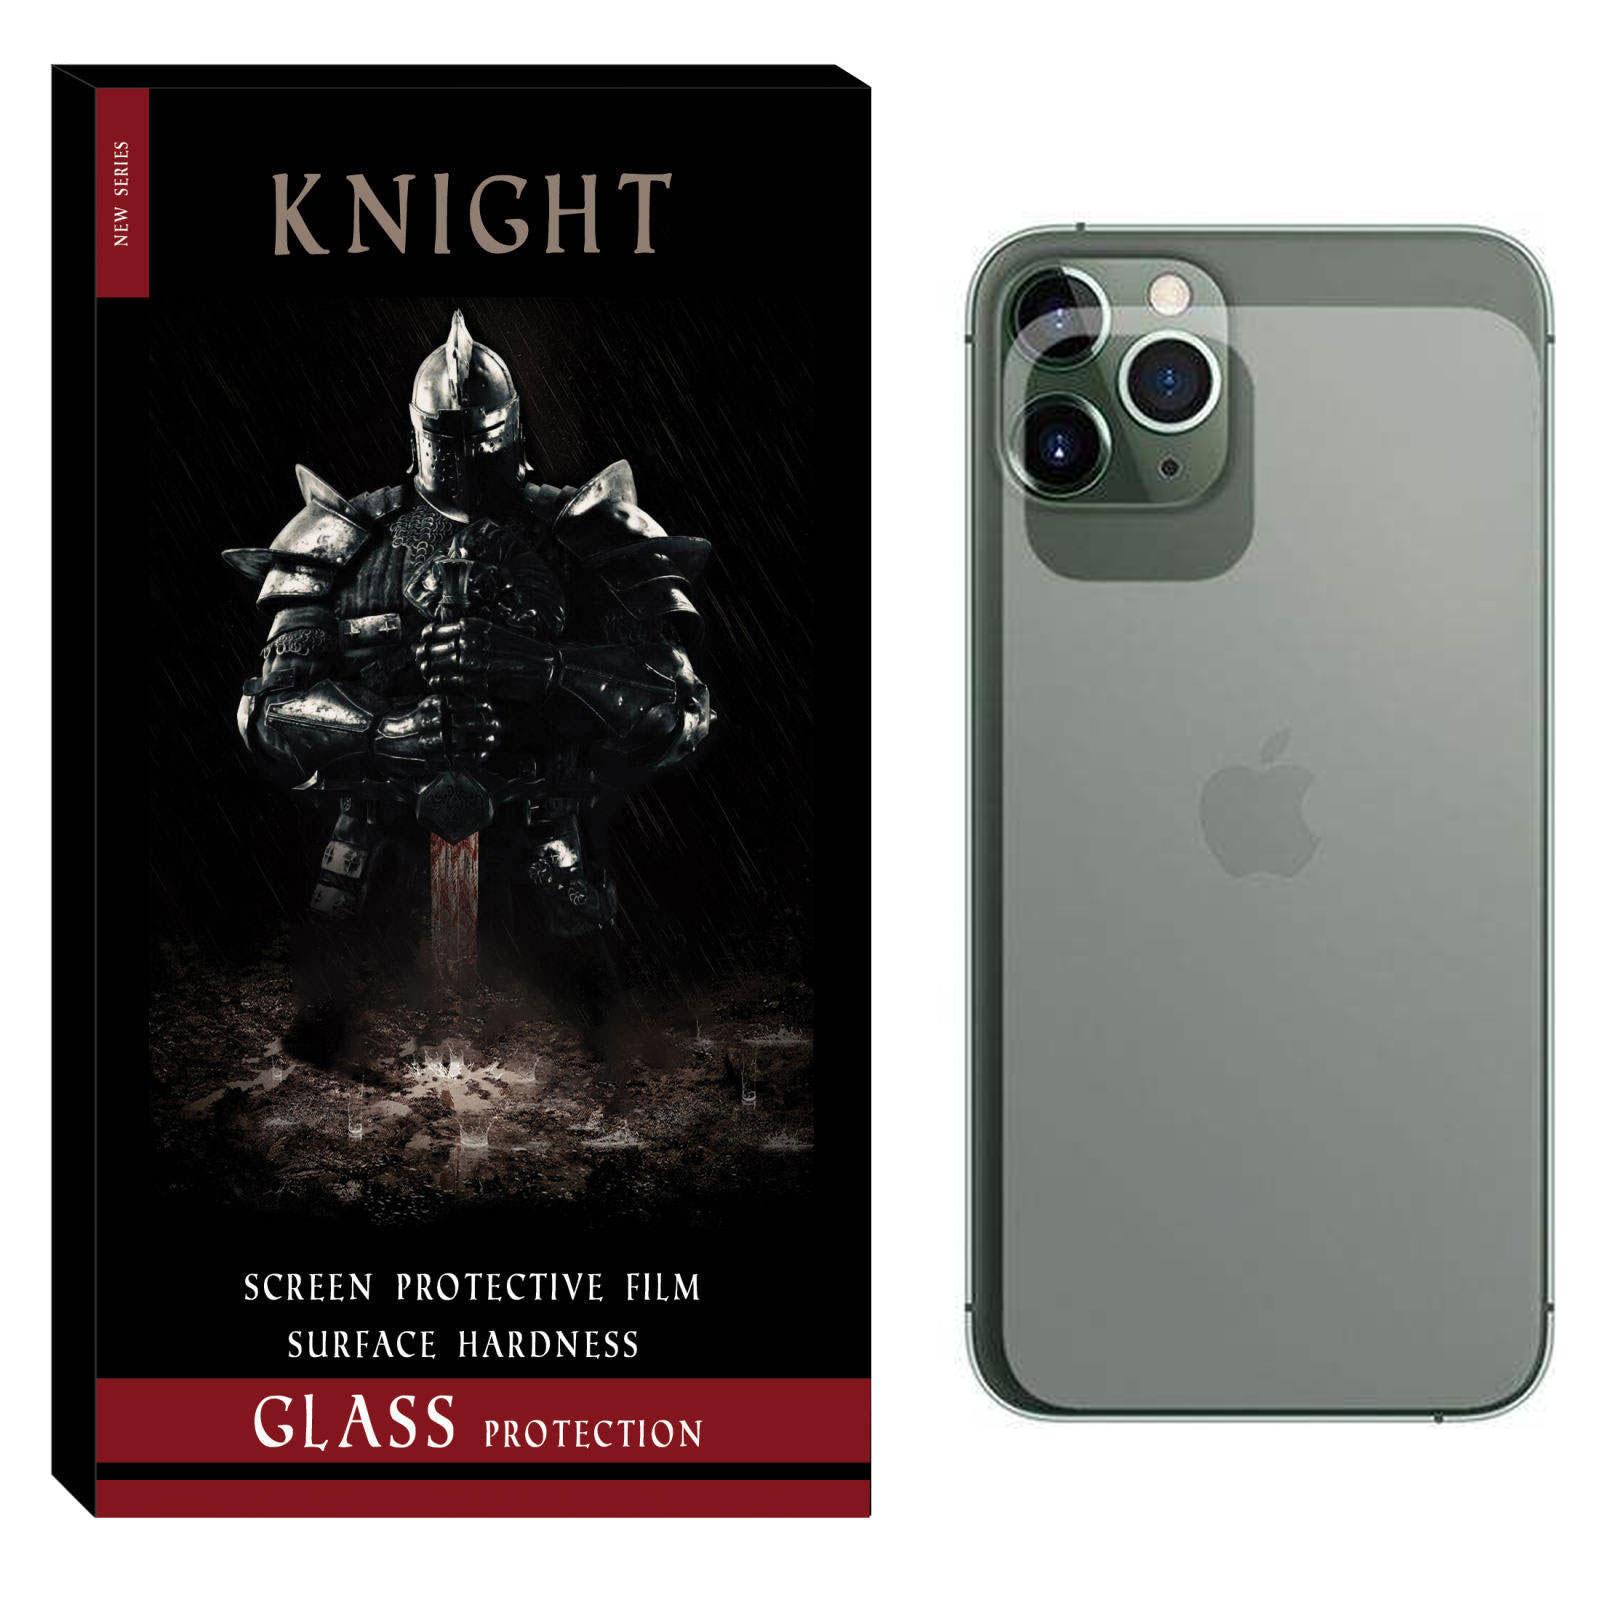 محافظ پشت گوشی نایت مدل TPBK-001 مناسب برای گوشی موبایل اپل Iphone 12 pro max main 1 1